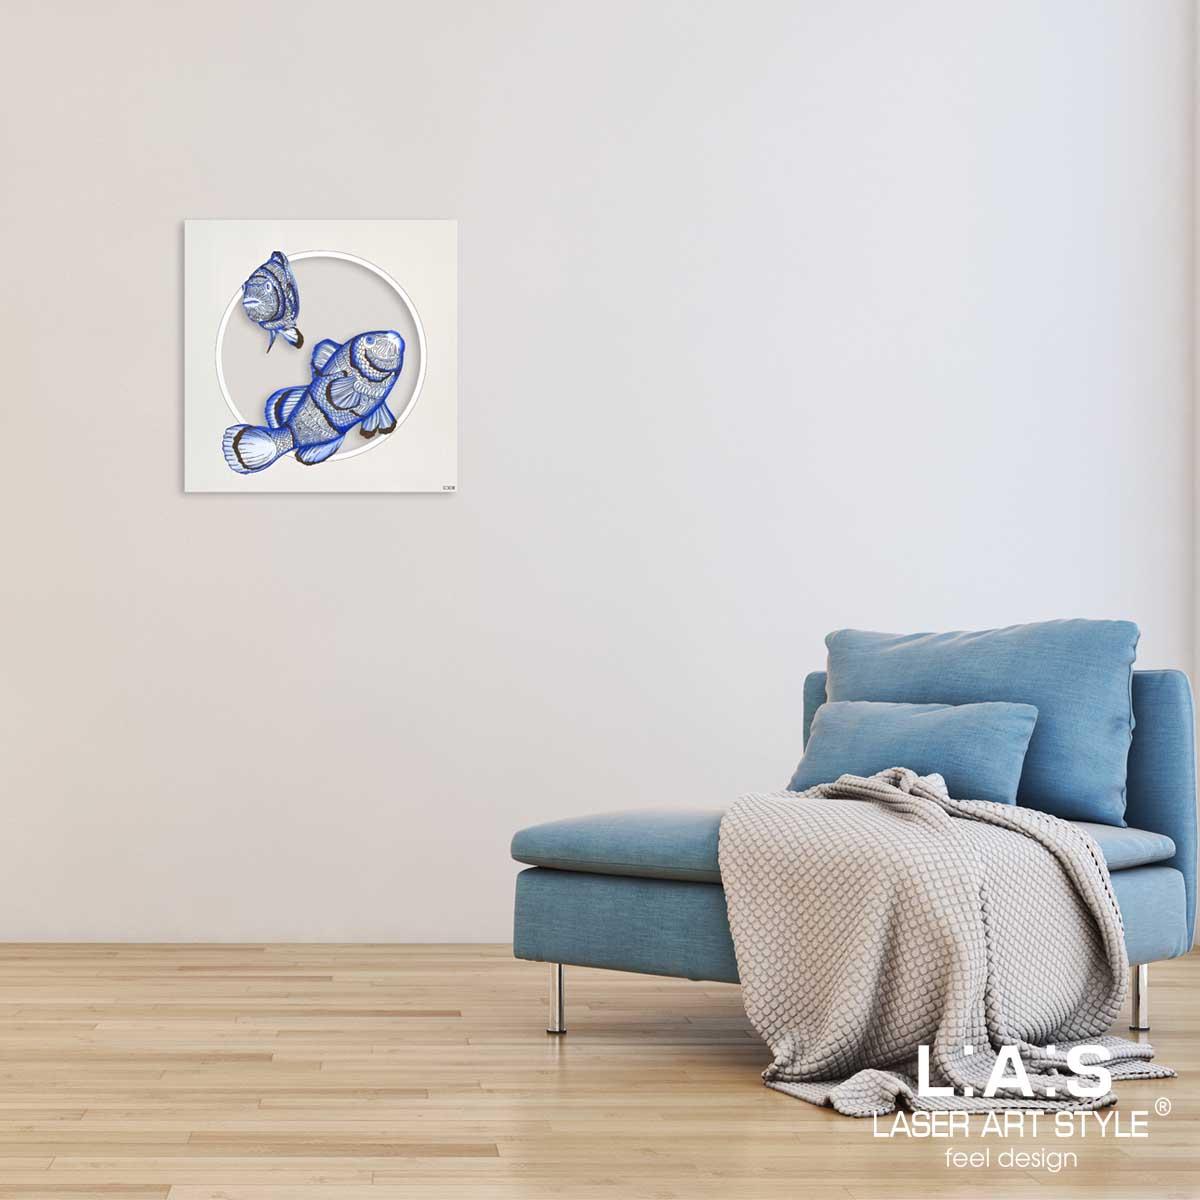 L:A:S - Laser Art Style - QUADRO MODERNO – SCULTURA DA PARETE TEMA MARE – Q-032 DECORO BLUETTE